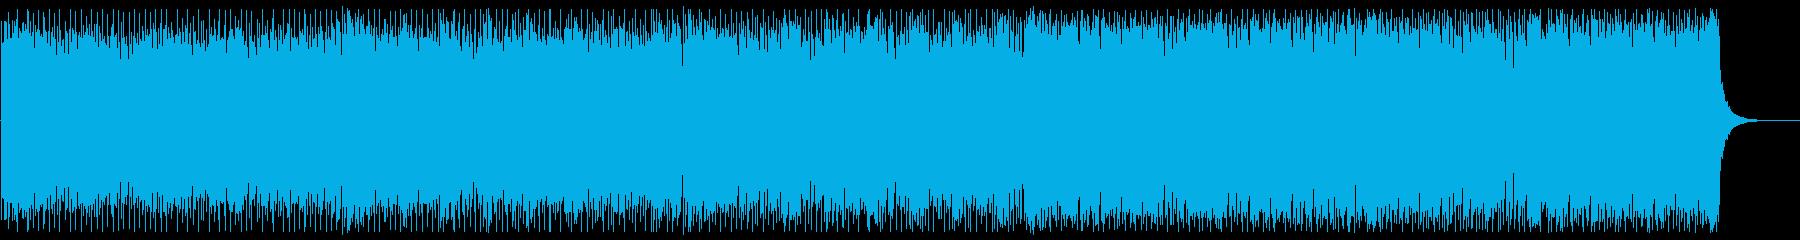 スムースでオシャレなフューチャーハウスの再生済みの波形